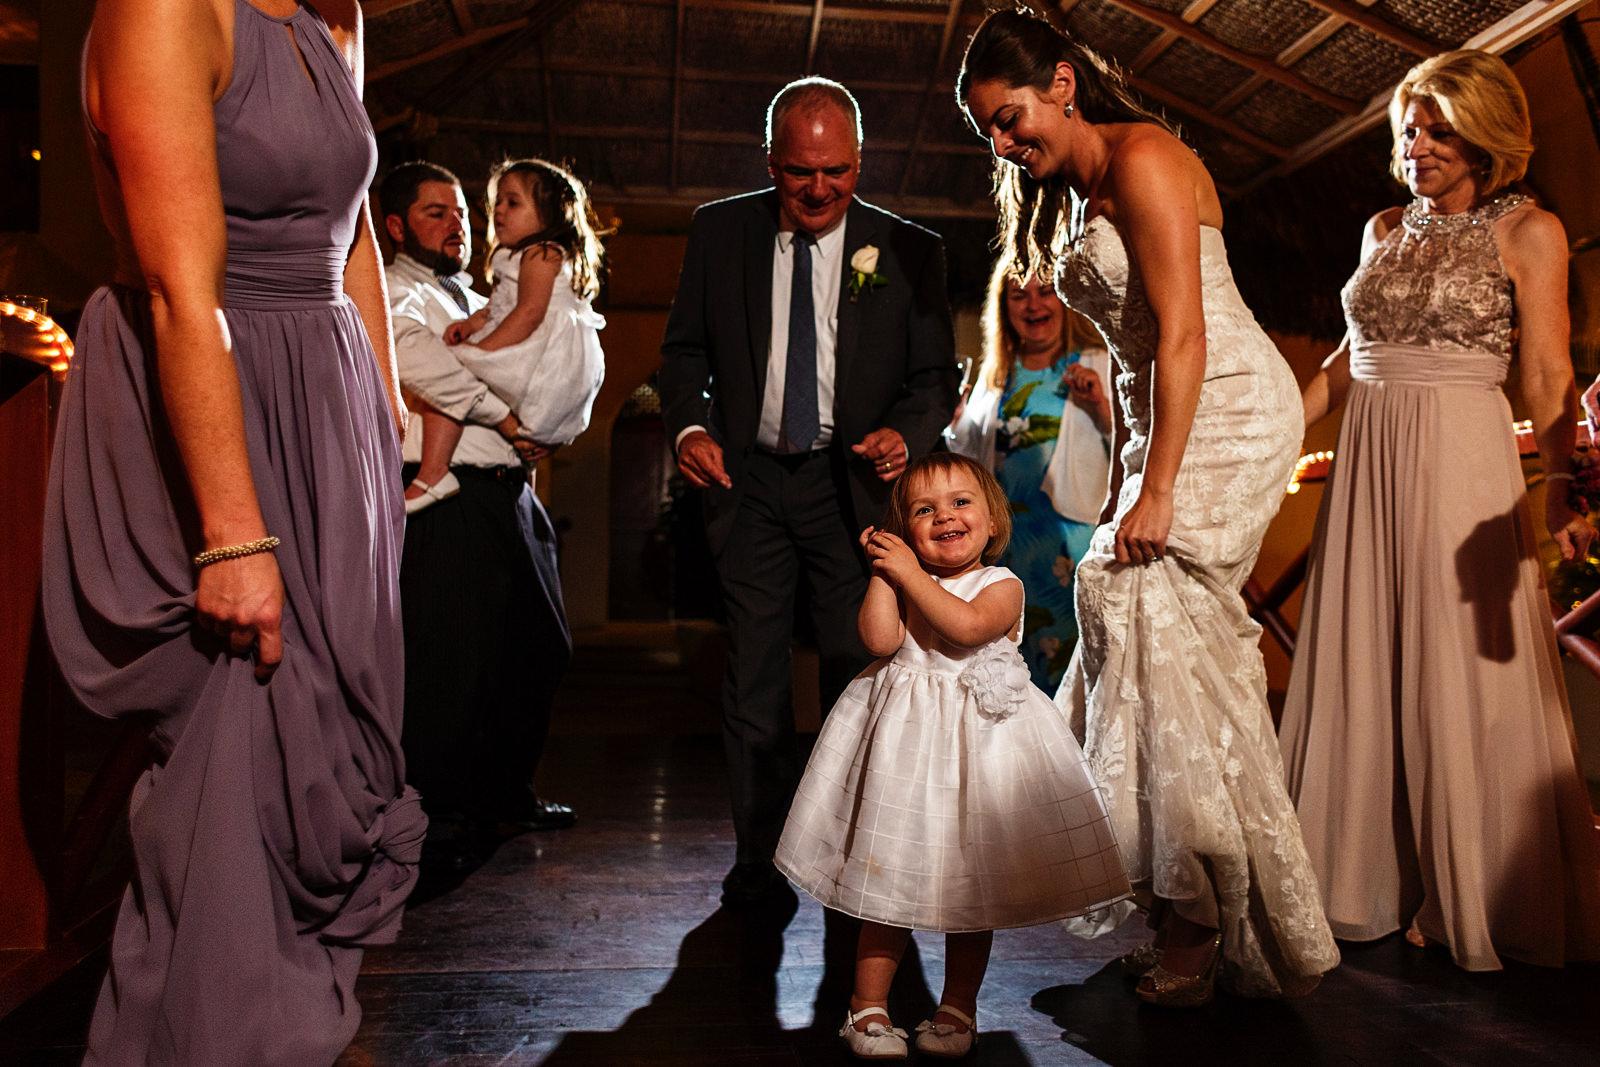 Little girl dancing between bride and wedding guest